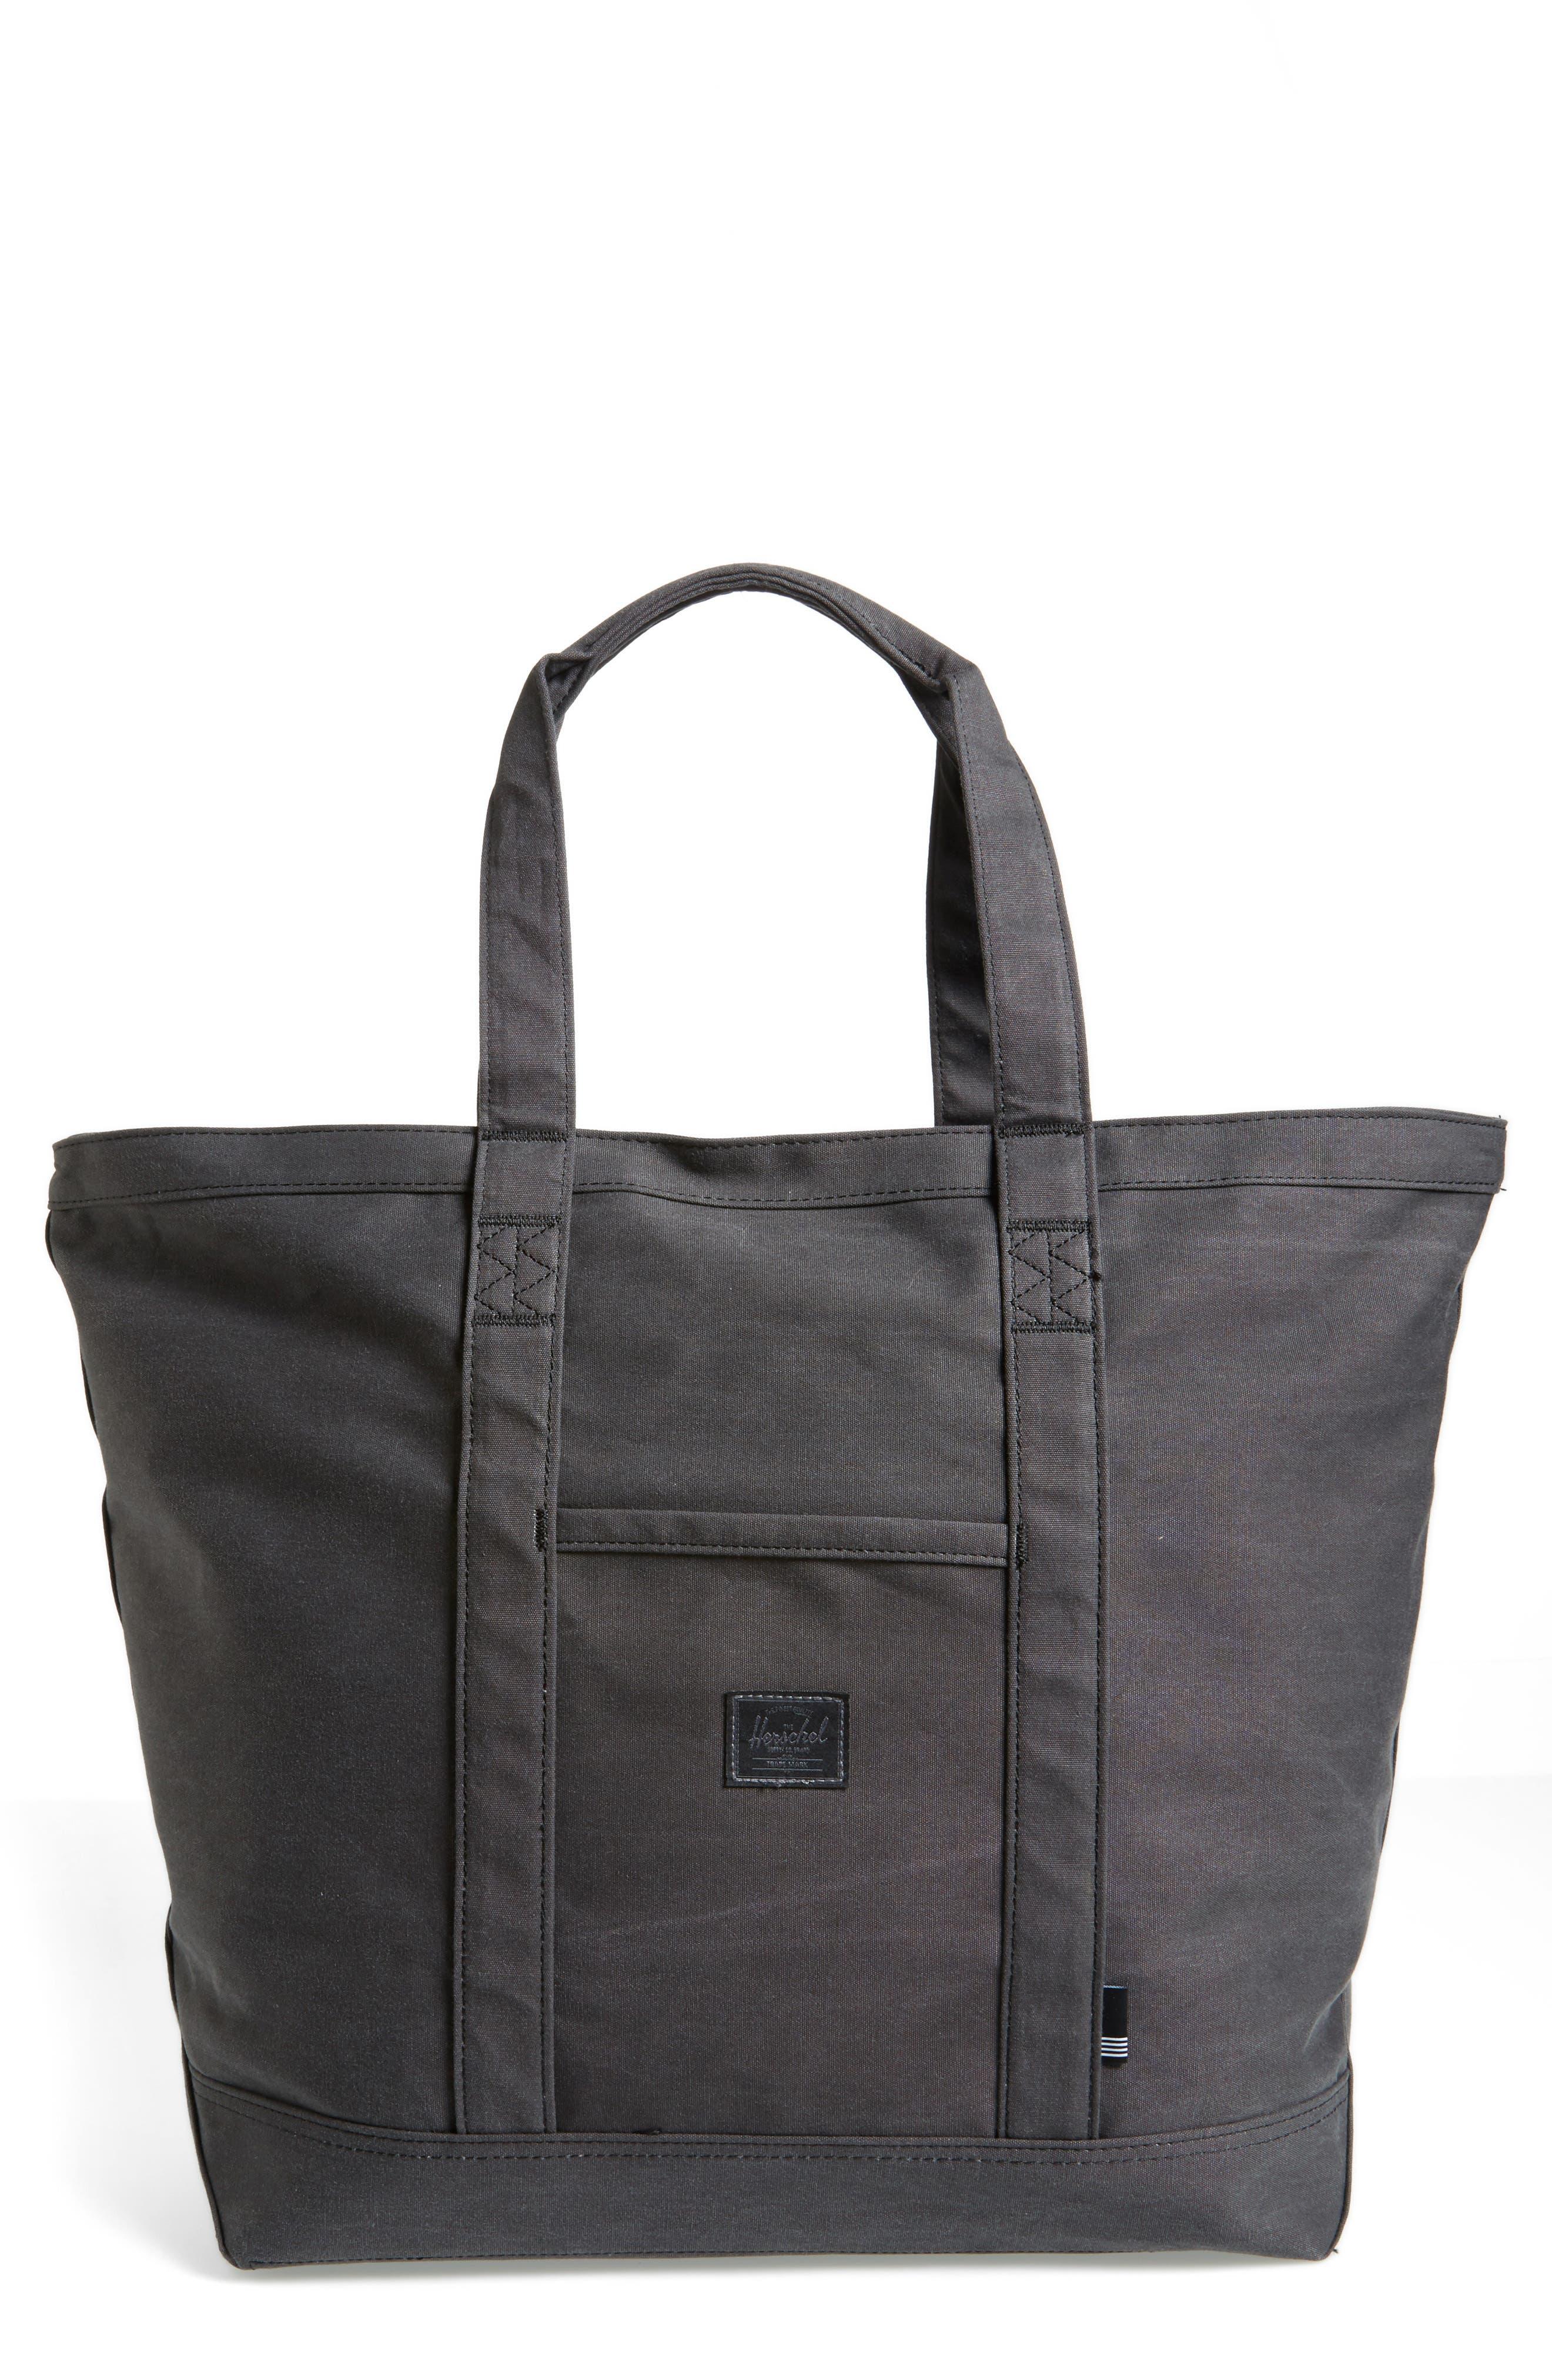 HERSCHEL SUPPLY CO. Bamfield Tote Bag